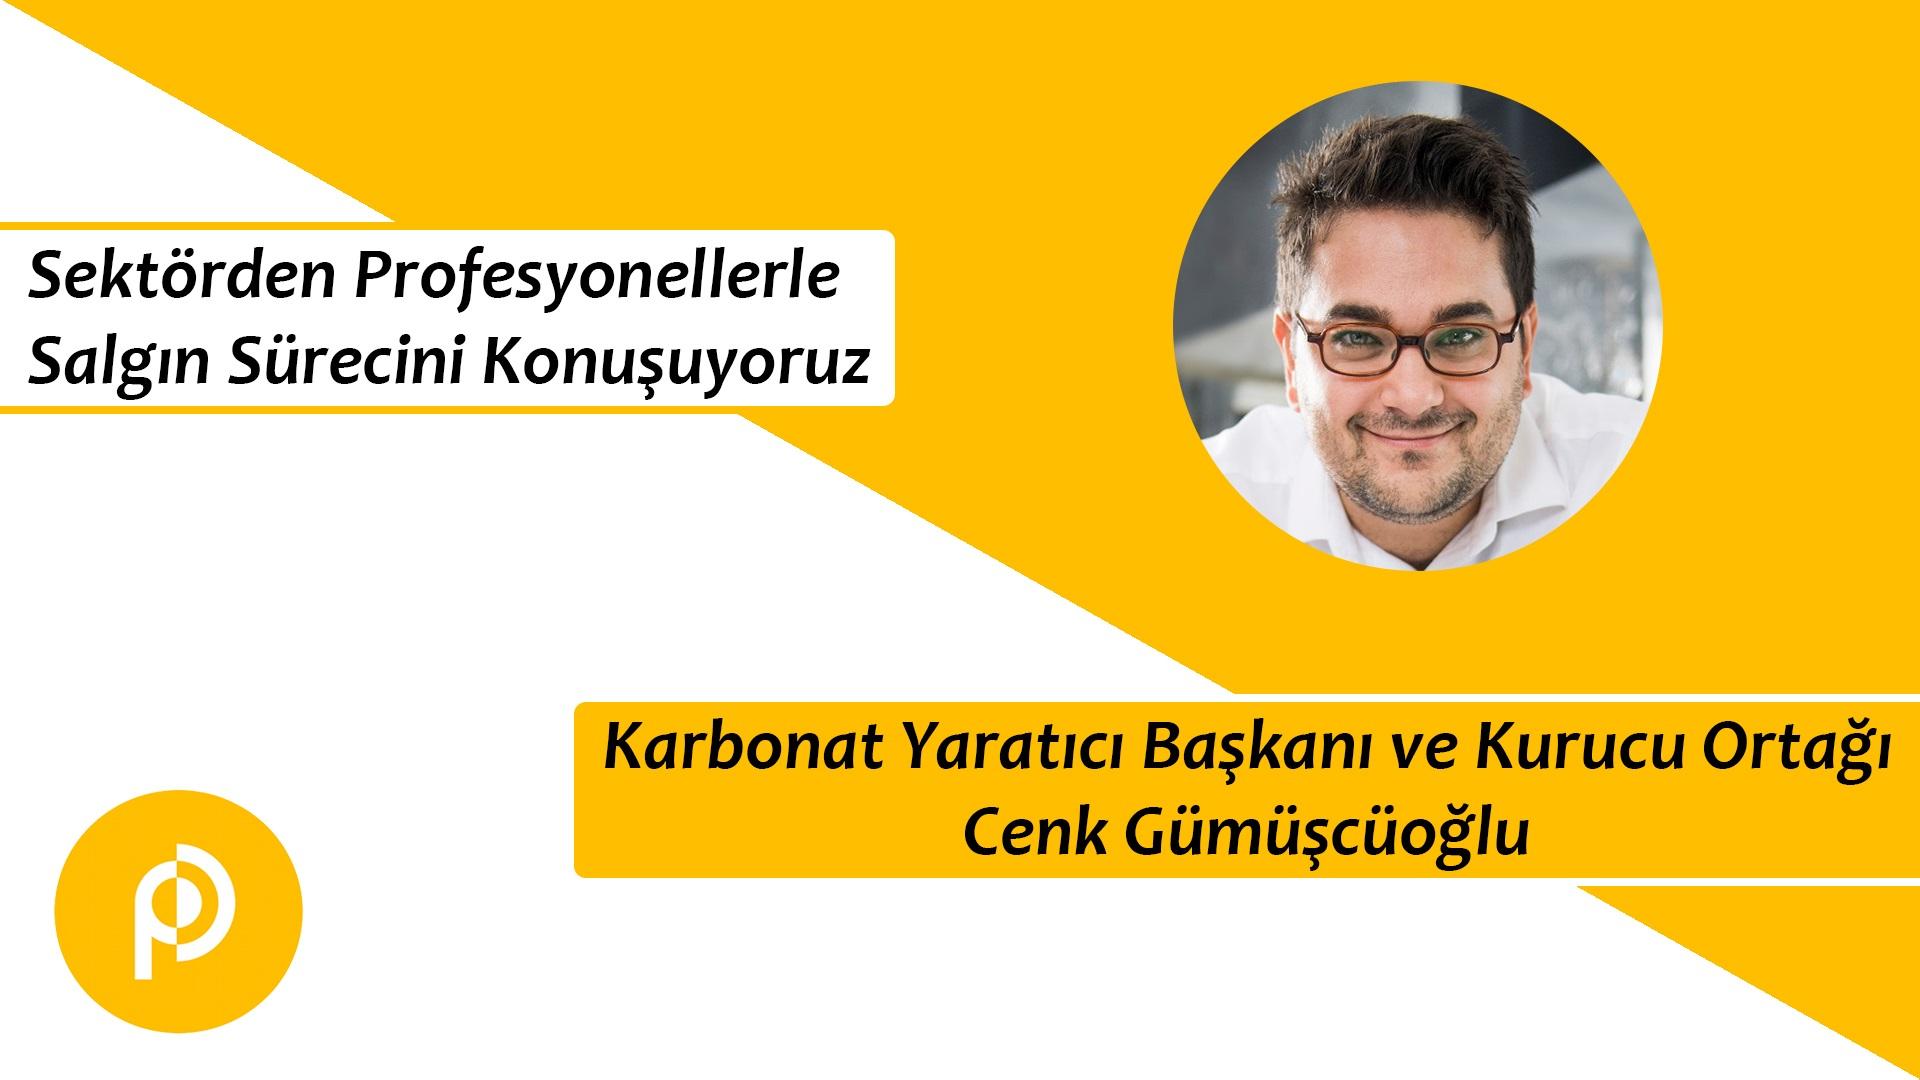 Karbonat'ın Yaratıcı Başkanı ve Kurucu Ortağı Cenk Gümüşçüoğlu ile Covid-19 Sürecini Konuştuk